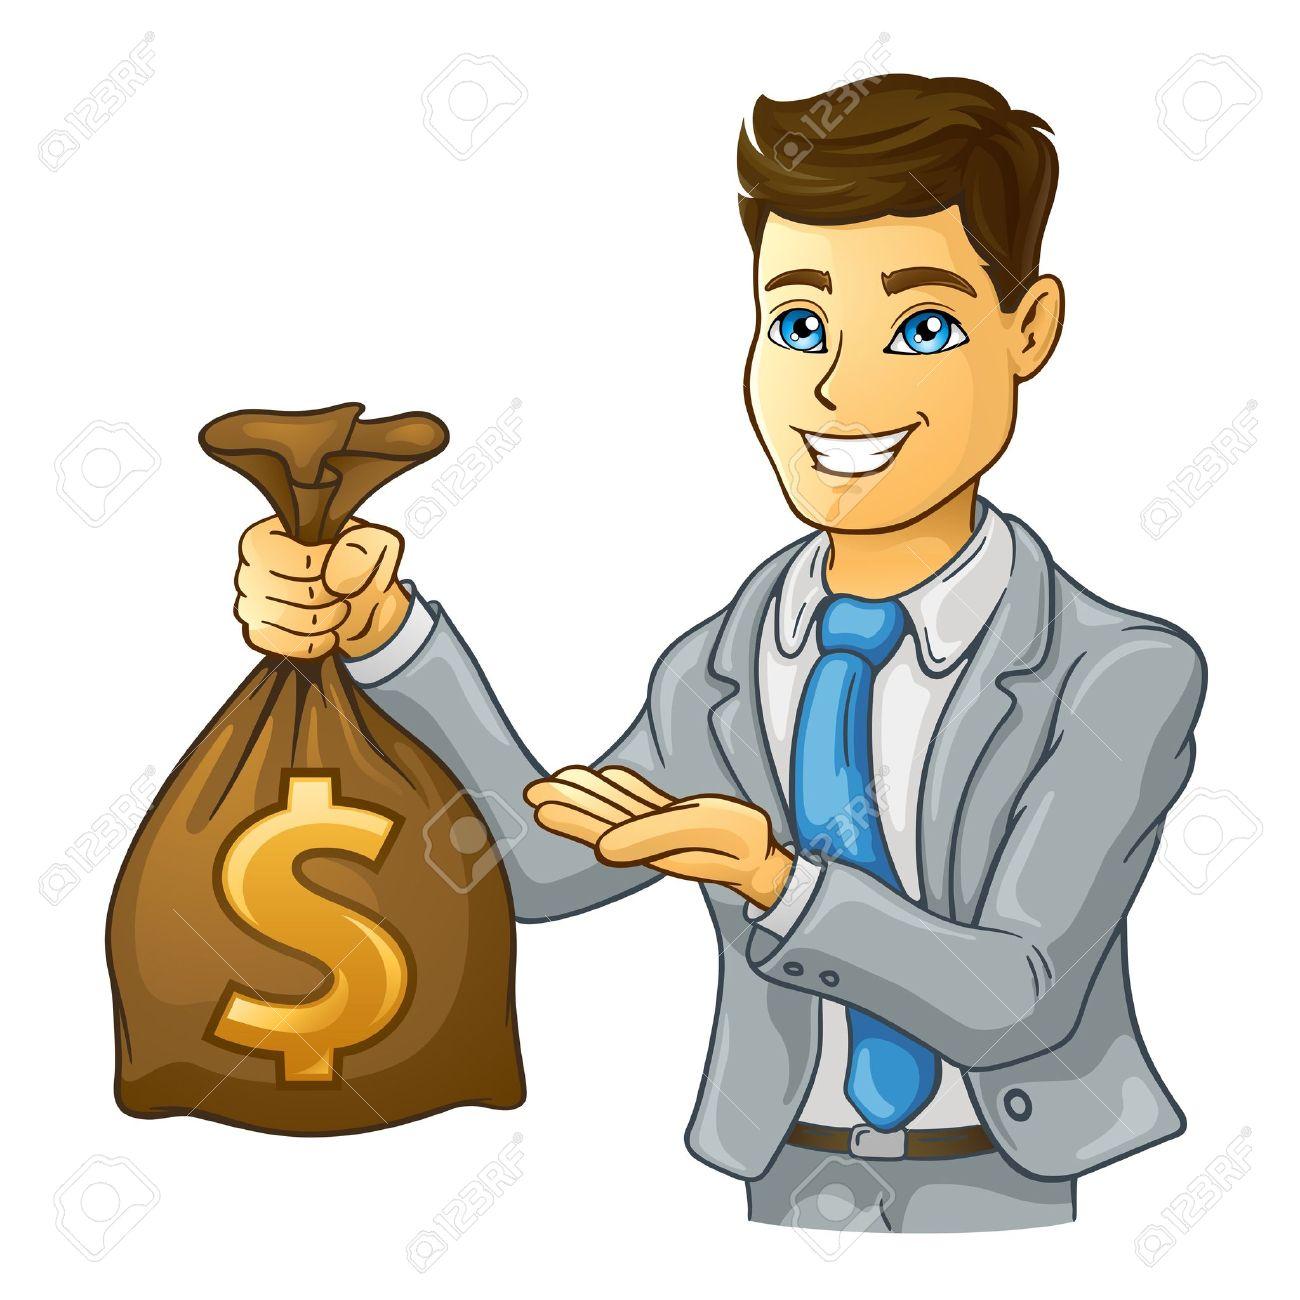 Ejemplo de hombre de negocios la celebración de bolsa de dinero en el fondo blanco.